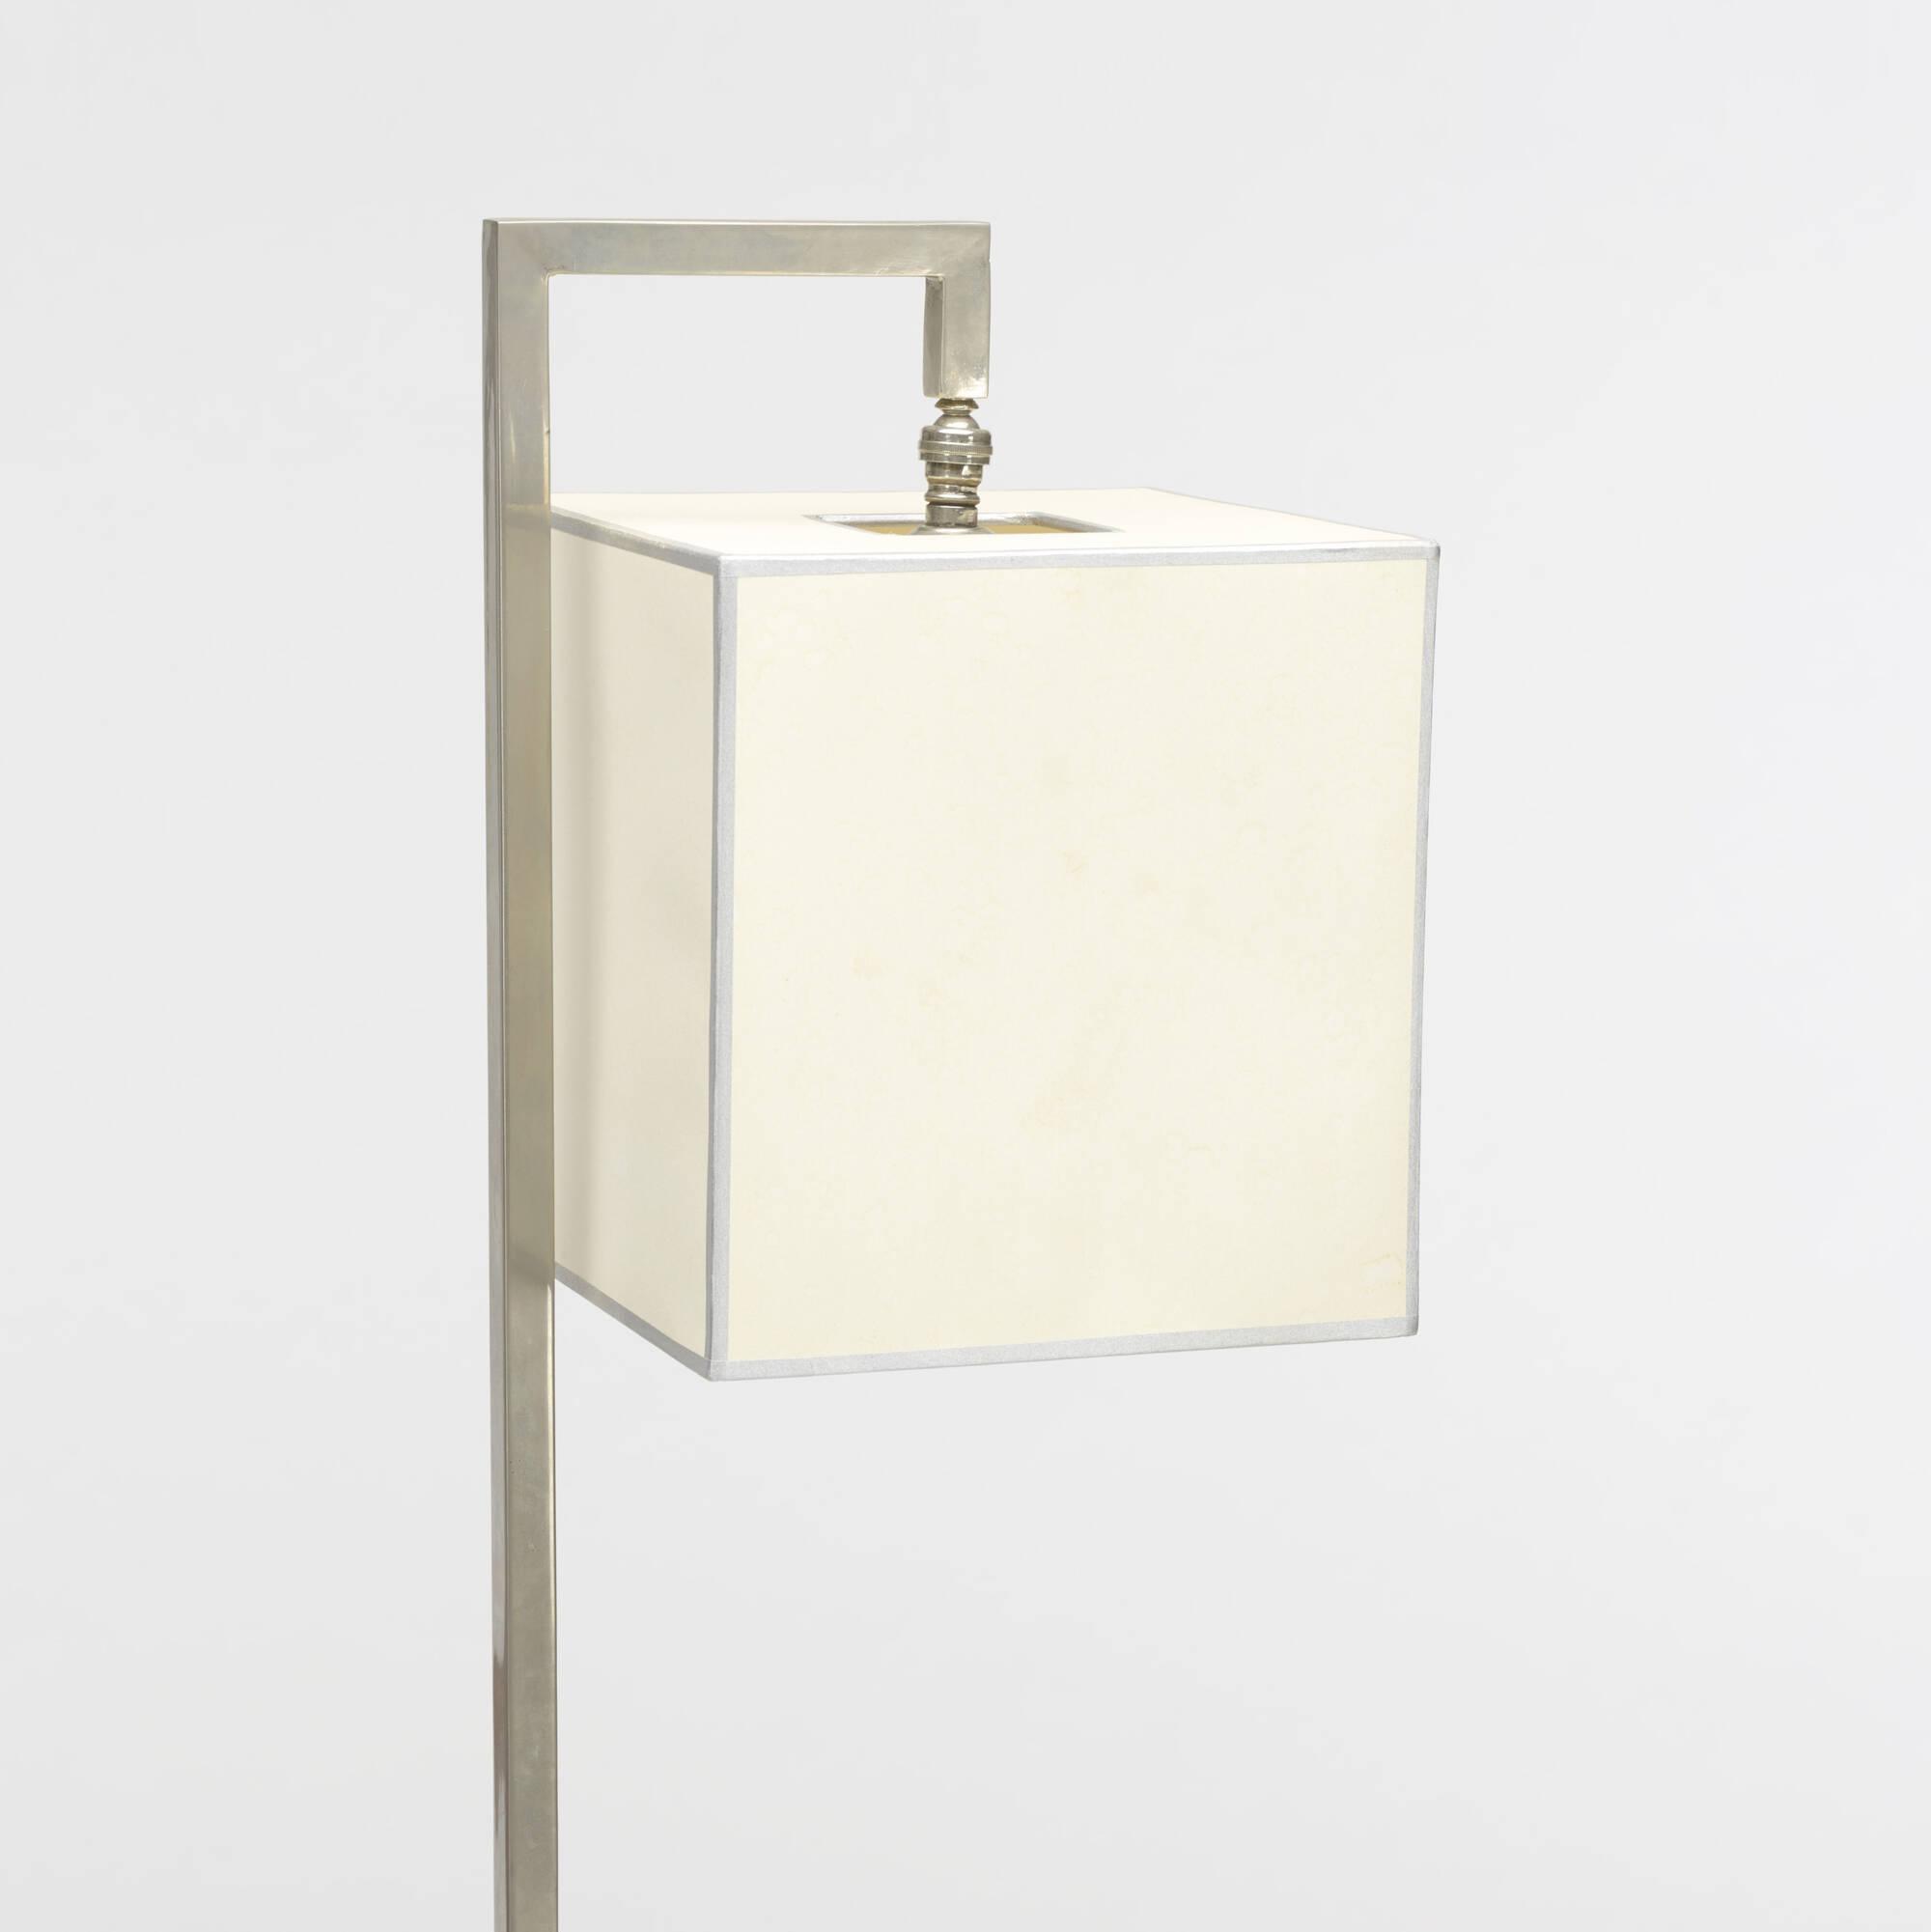 262: Donald Deskey / floor lamp (2 of 2)